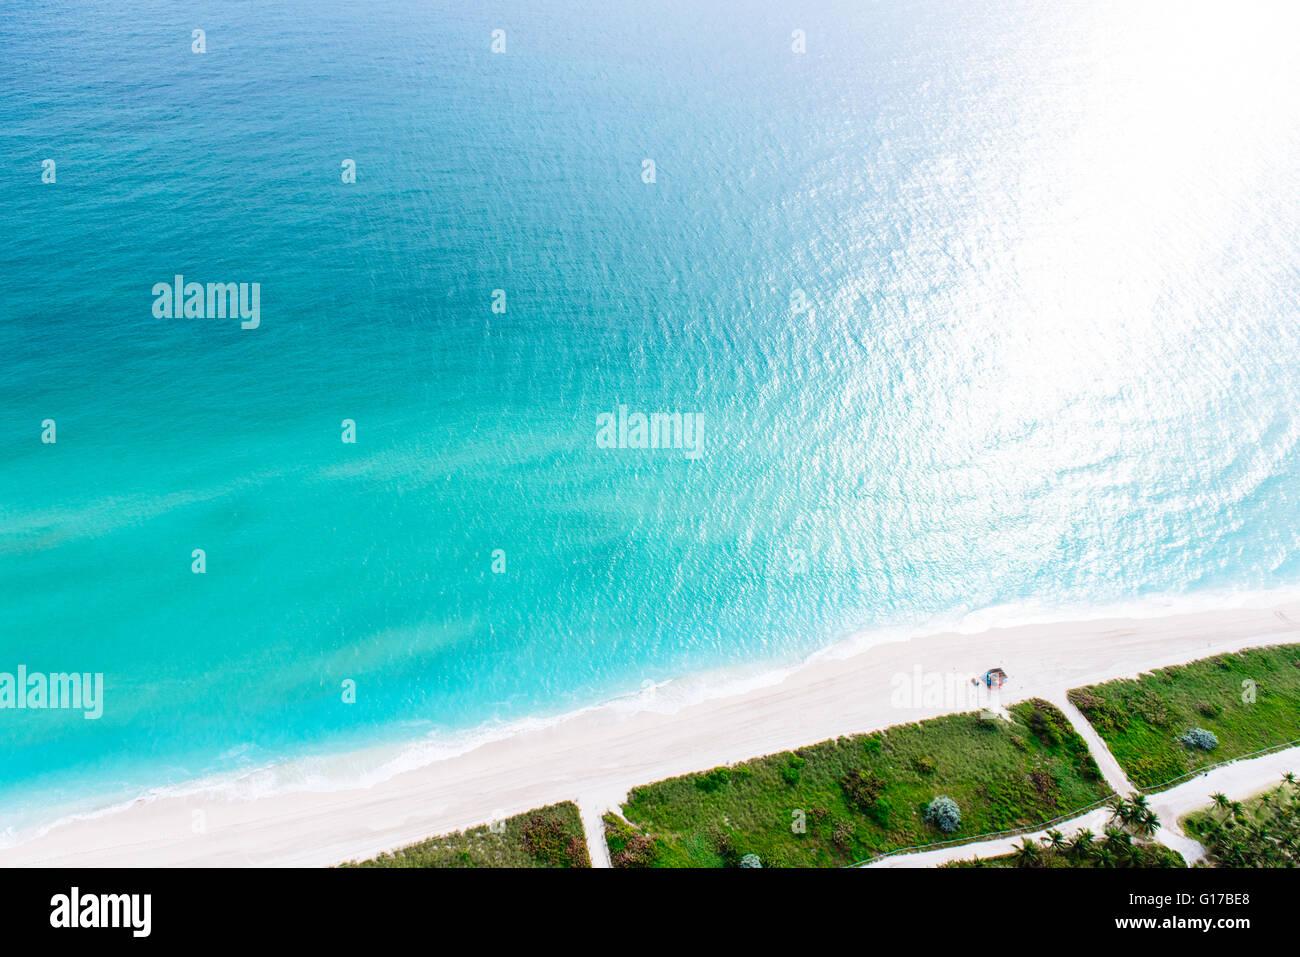 Vista aérea de océanos y costas, Miami, Florida, USA. Imagen De Stock